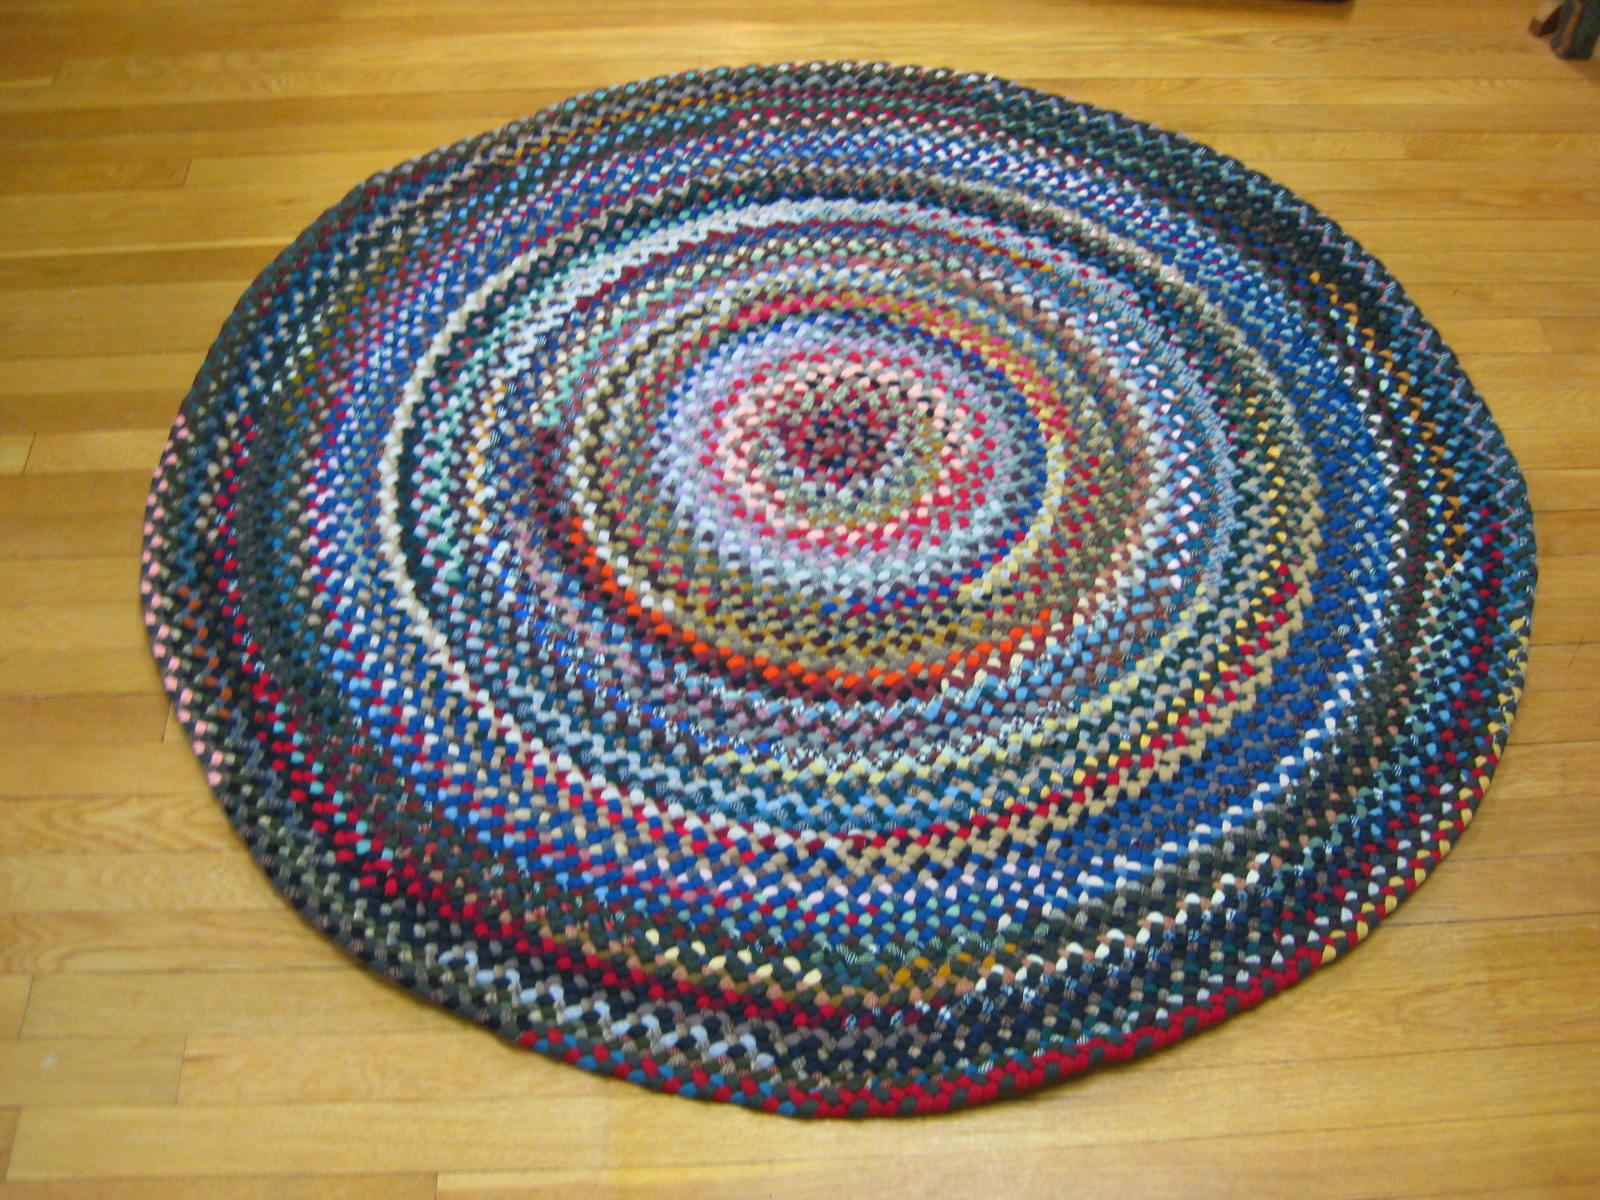 braided rugs 4u00275 JRSKGYZ